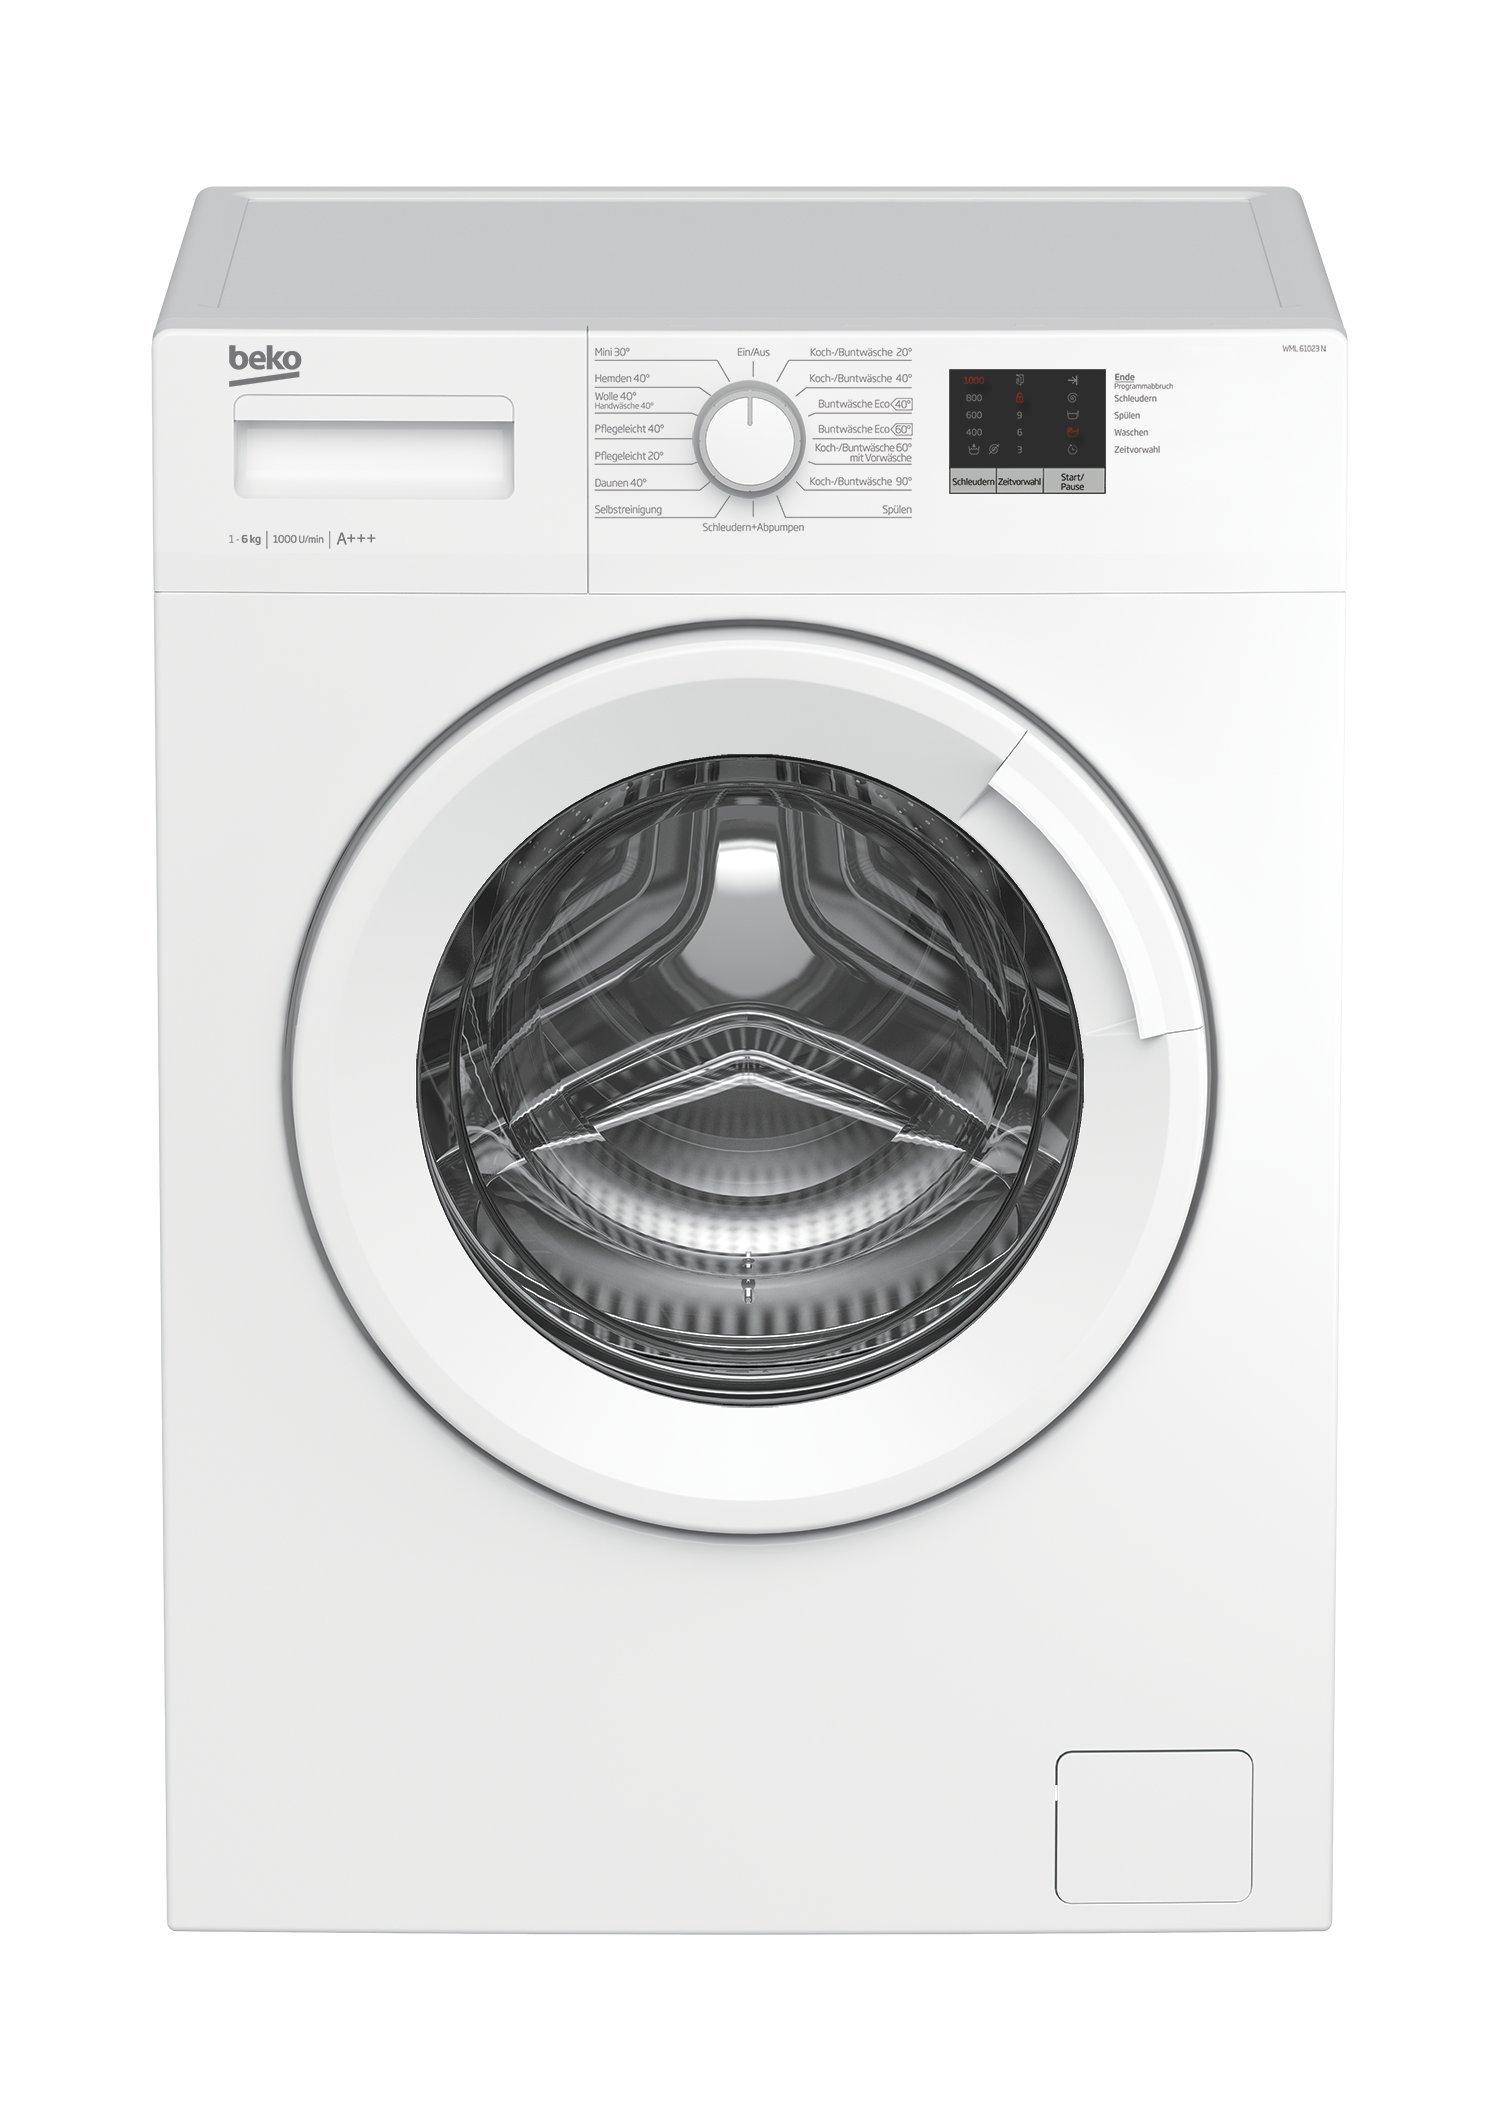 Beko WML 61023 N Waschmaschine Frontlader, 6 kg Füllmenge, Mengenautomatik, weiß